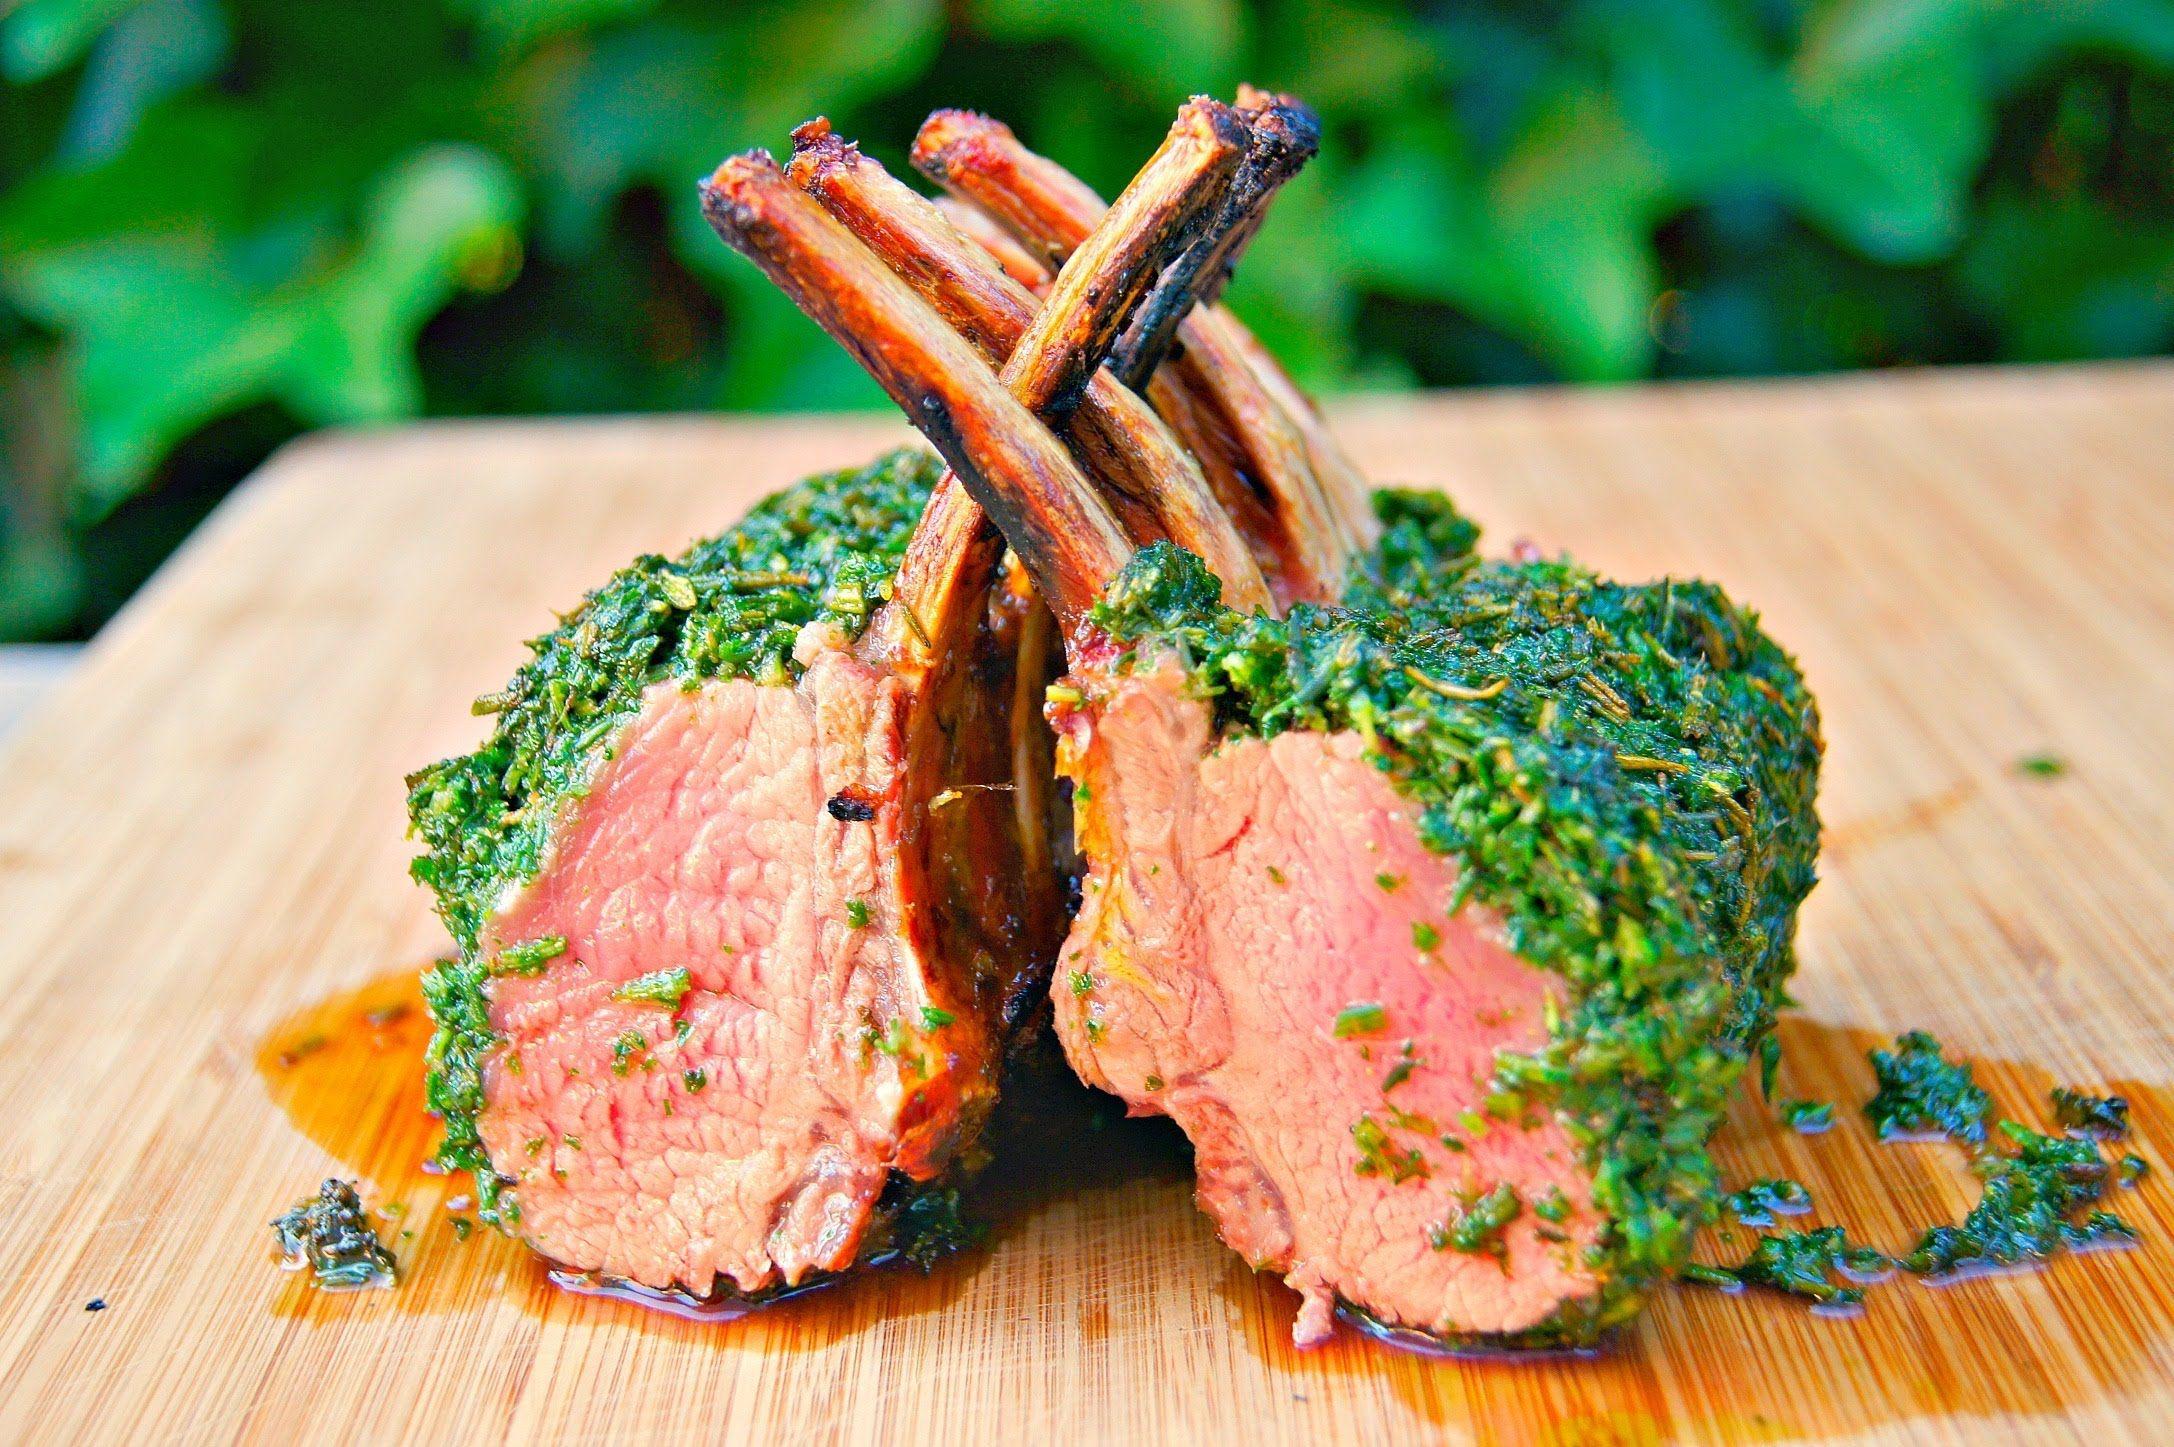 lamb loin chop recipe gordon ramsay 2 Gordon ramsey ideas  gordon ramsay recipe, rack of lamb, gordon